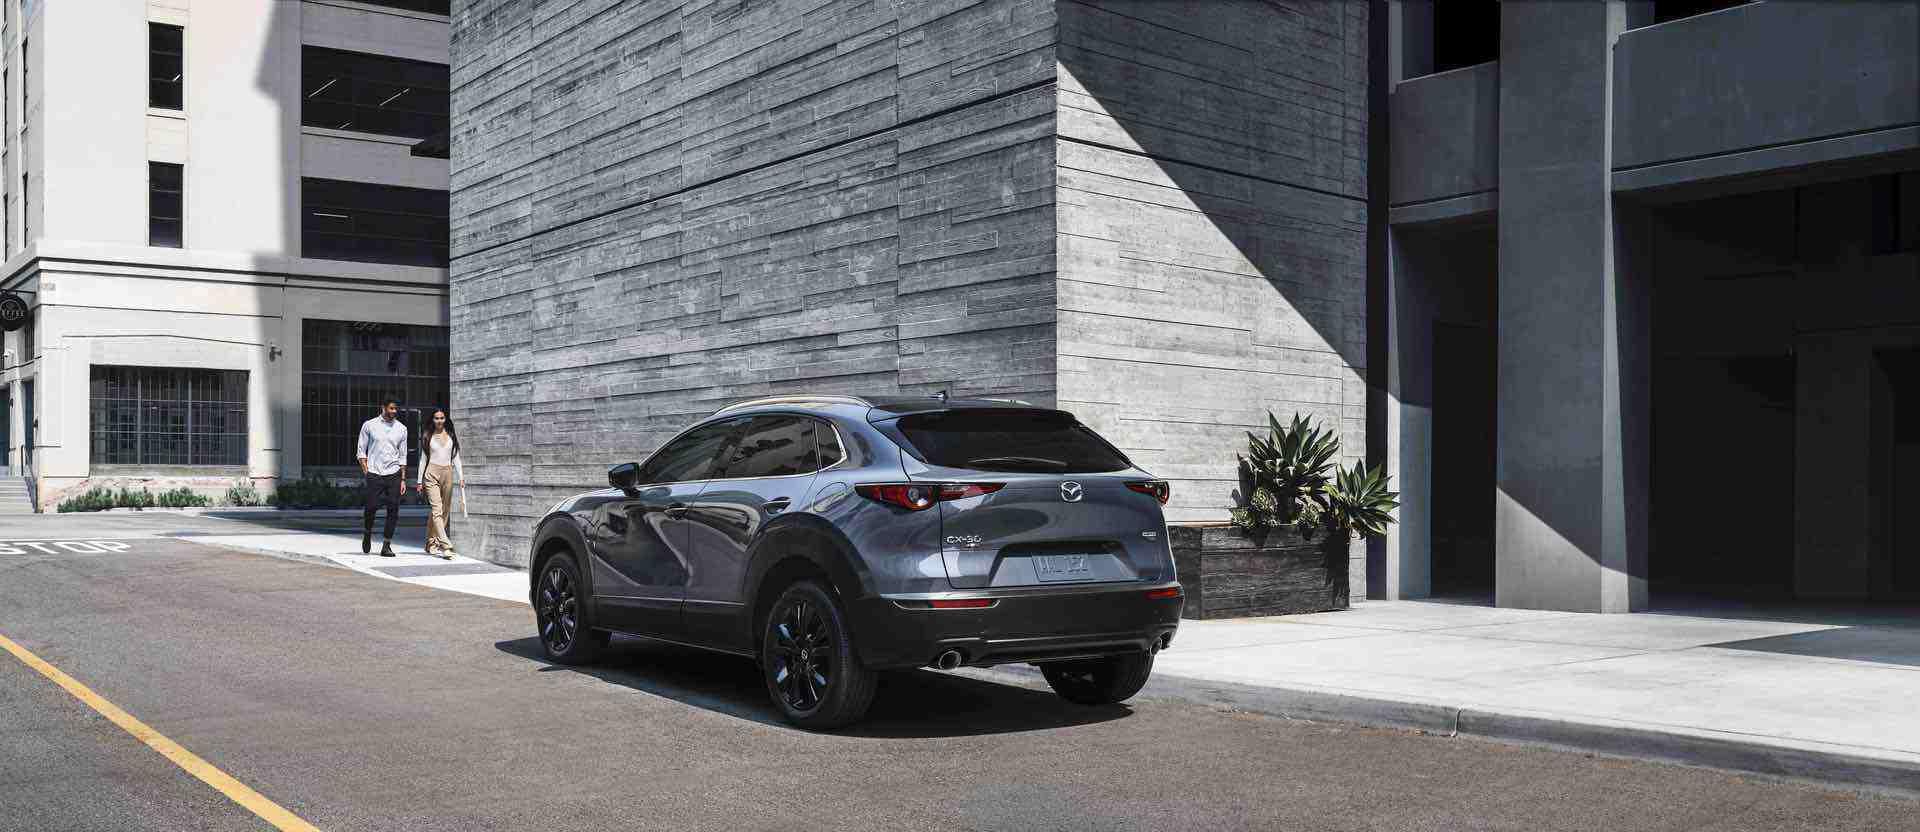 2021-Mazda-CX-30-2.5-Turbo_02